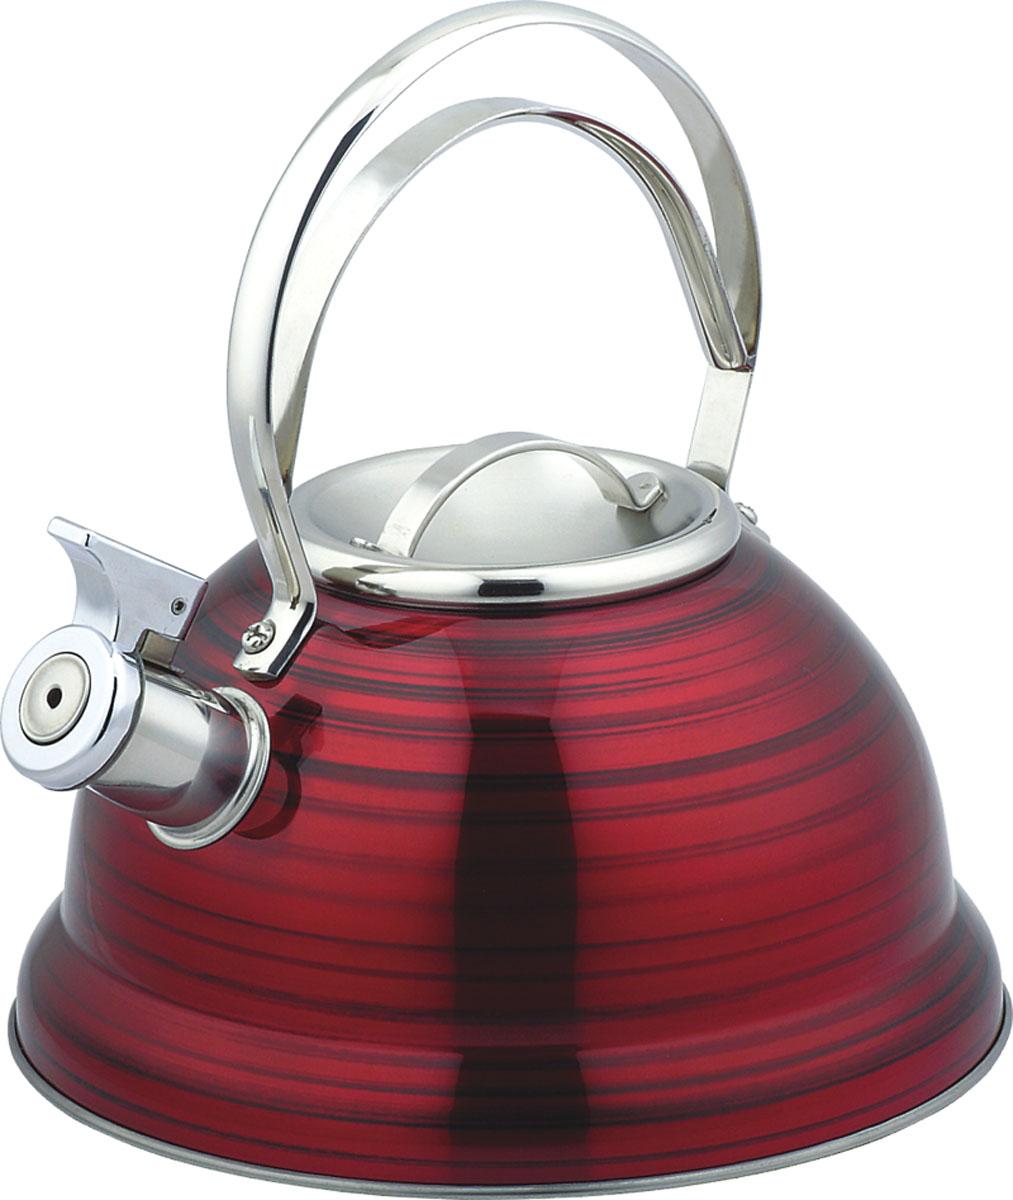 Чайник Bekker De Luxe, со свистком, 2,5 л. BK-S428BK-S428Чайник Bekker De Luxe изготовлен из высококачественной нержавеющей стали с цветным матовым покрытием в полоску. Капсулированное дно распределяет тепло по всей поверхности, что позволяет чайнику быстро закипать. Крышка и эргономичная фиксированная ручка выполнены из нержавеющей стали. Носик оснащен откидным свистком, который подскажет, когда закипела вода. Подходит для всех типов плит, кроме индукционных. Можно мыть в посудомоечной машине. Диаметр (по верхнему краю): 10 см. Диаметр основания: 22 см. Толщина стенки: 0,4 мм. Высота чайника (без учета ручки и крышки): 11,5 см. Высота чайника (с учетом ручки и крышки): 23,5 см.